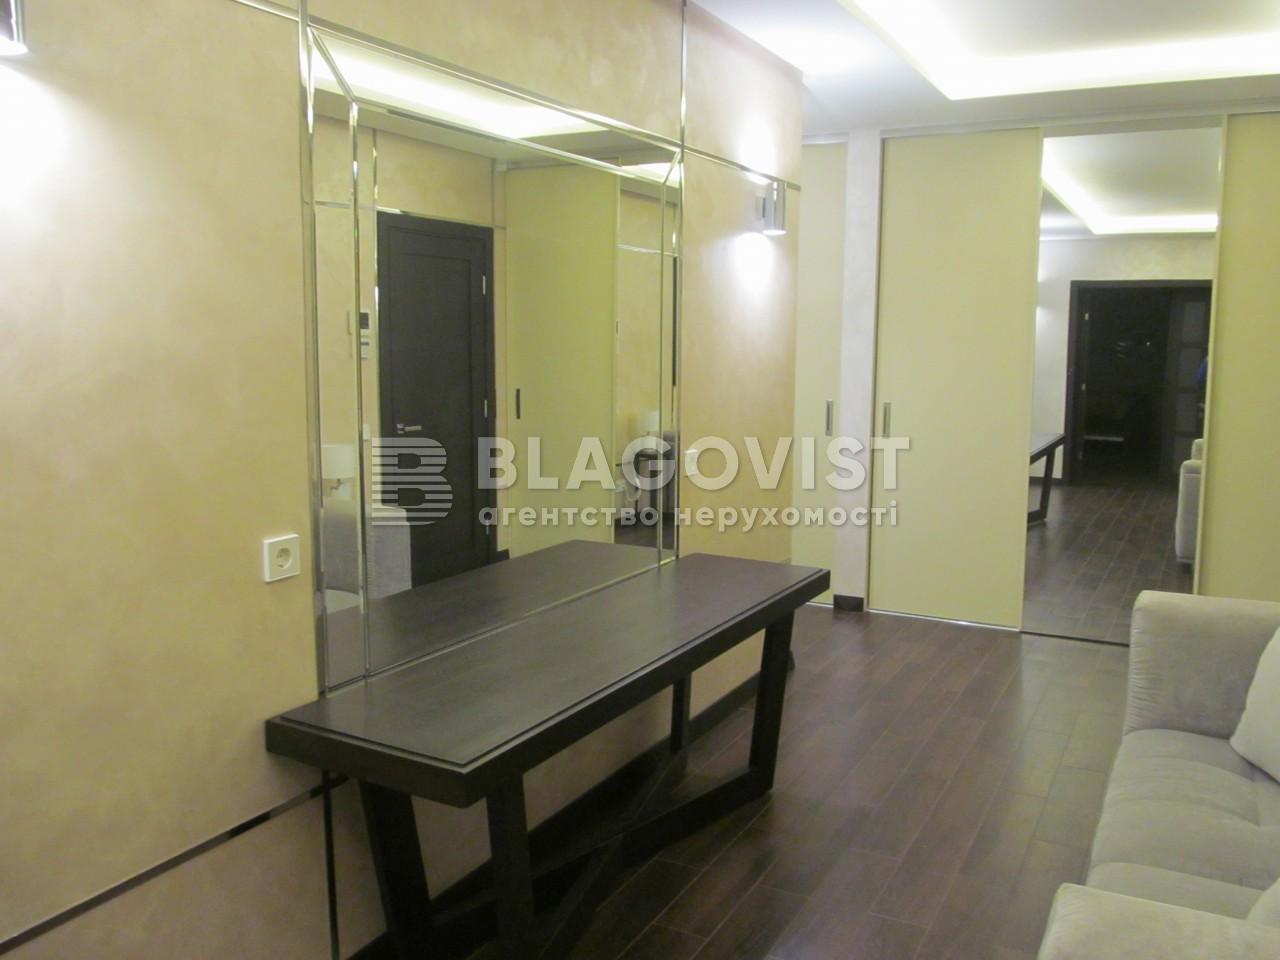 Квартира D-33326, Героев Сталинграда просп., 12г, Киев - Фото 34